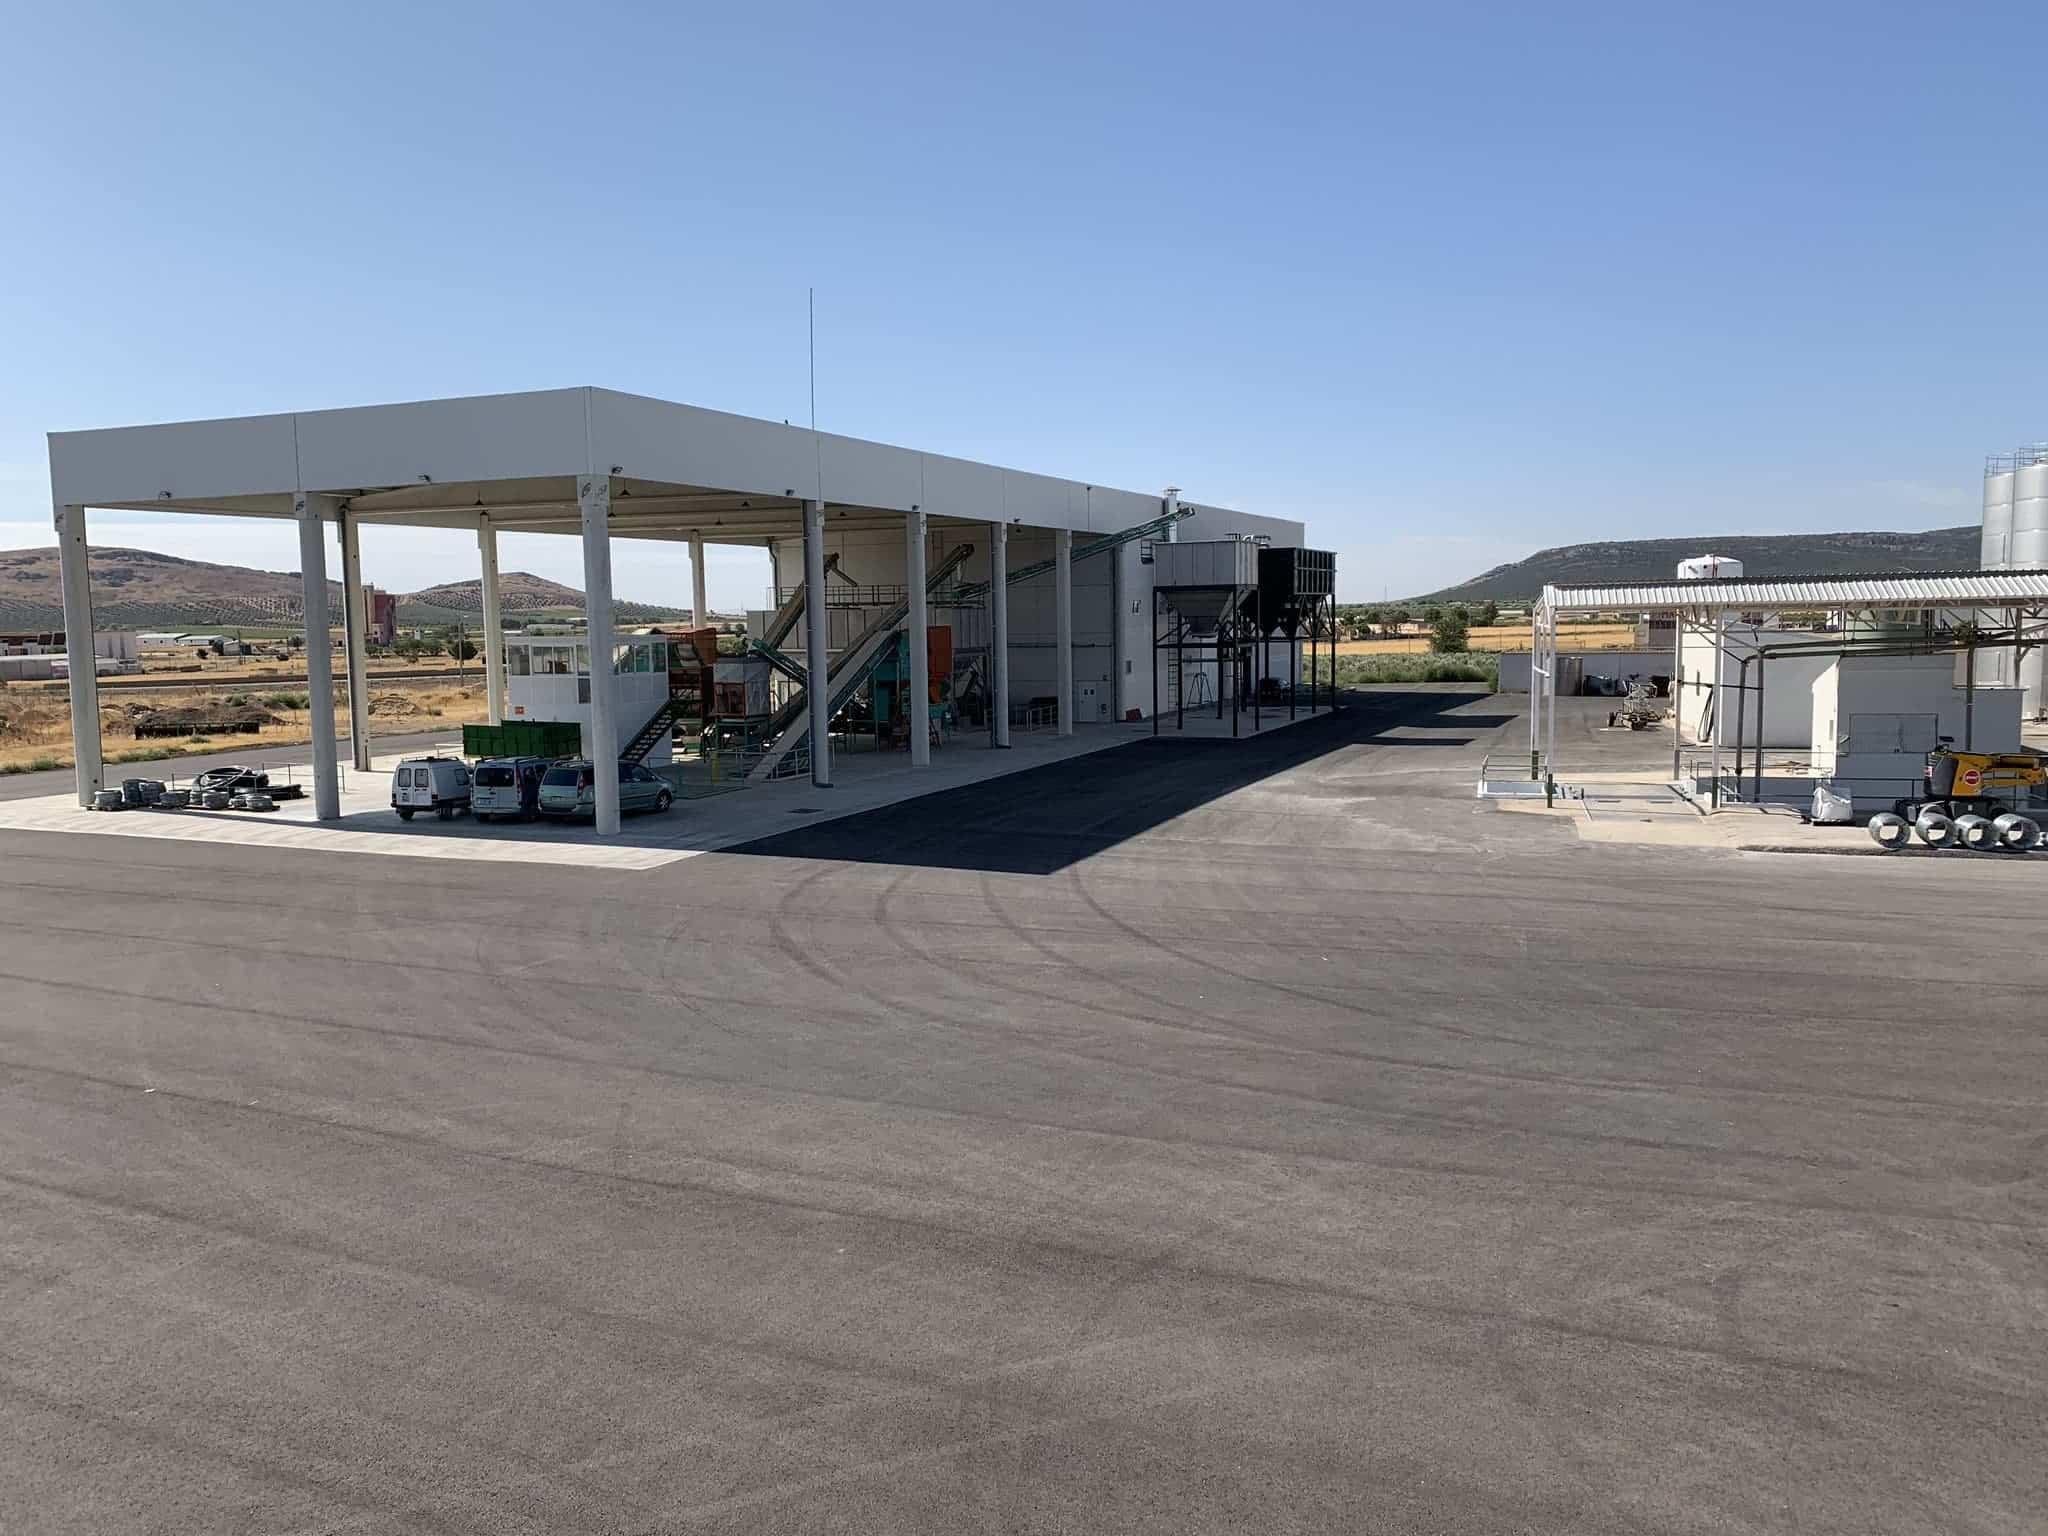 visita almazarera la encarnacion herencia 6 - Nuevas instalaciones de la Cooperativa Almazarera La Encarnación en Herencia